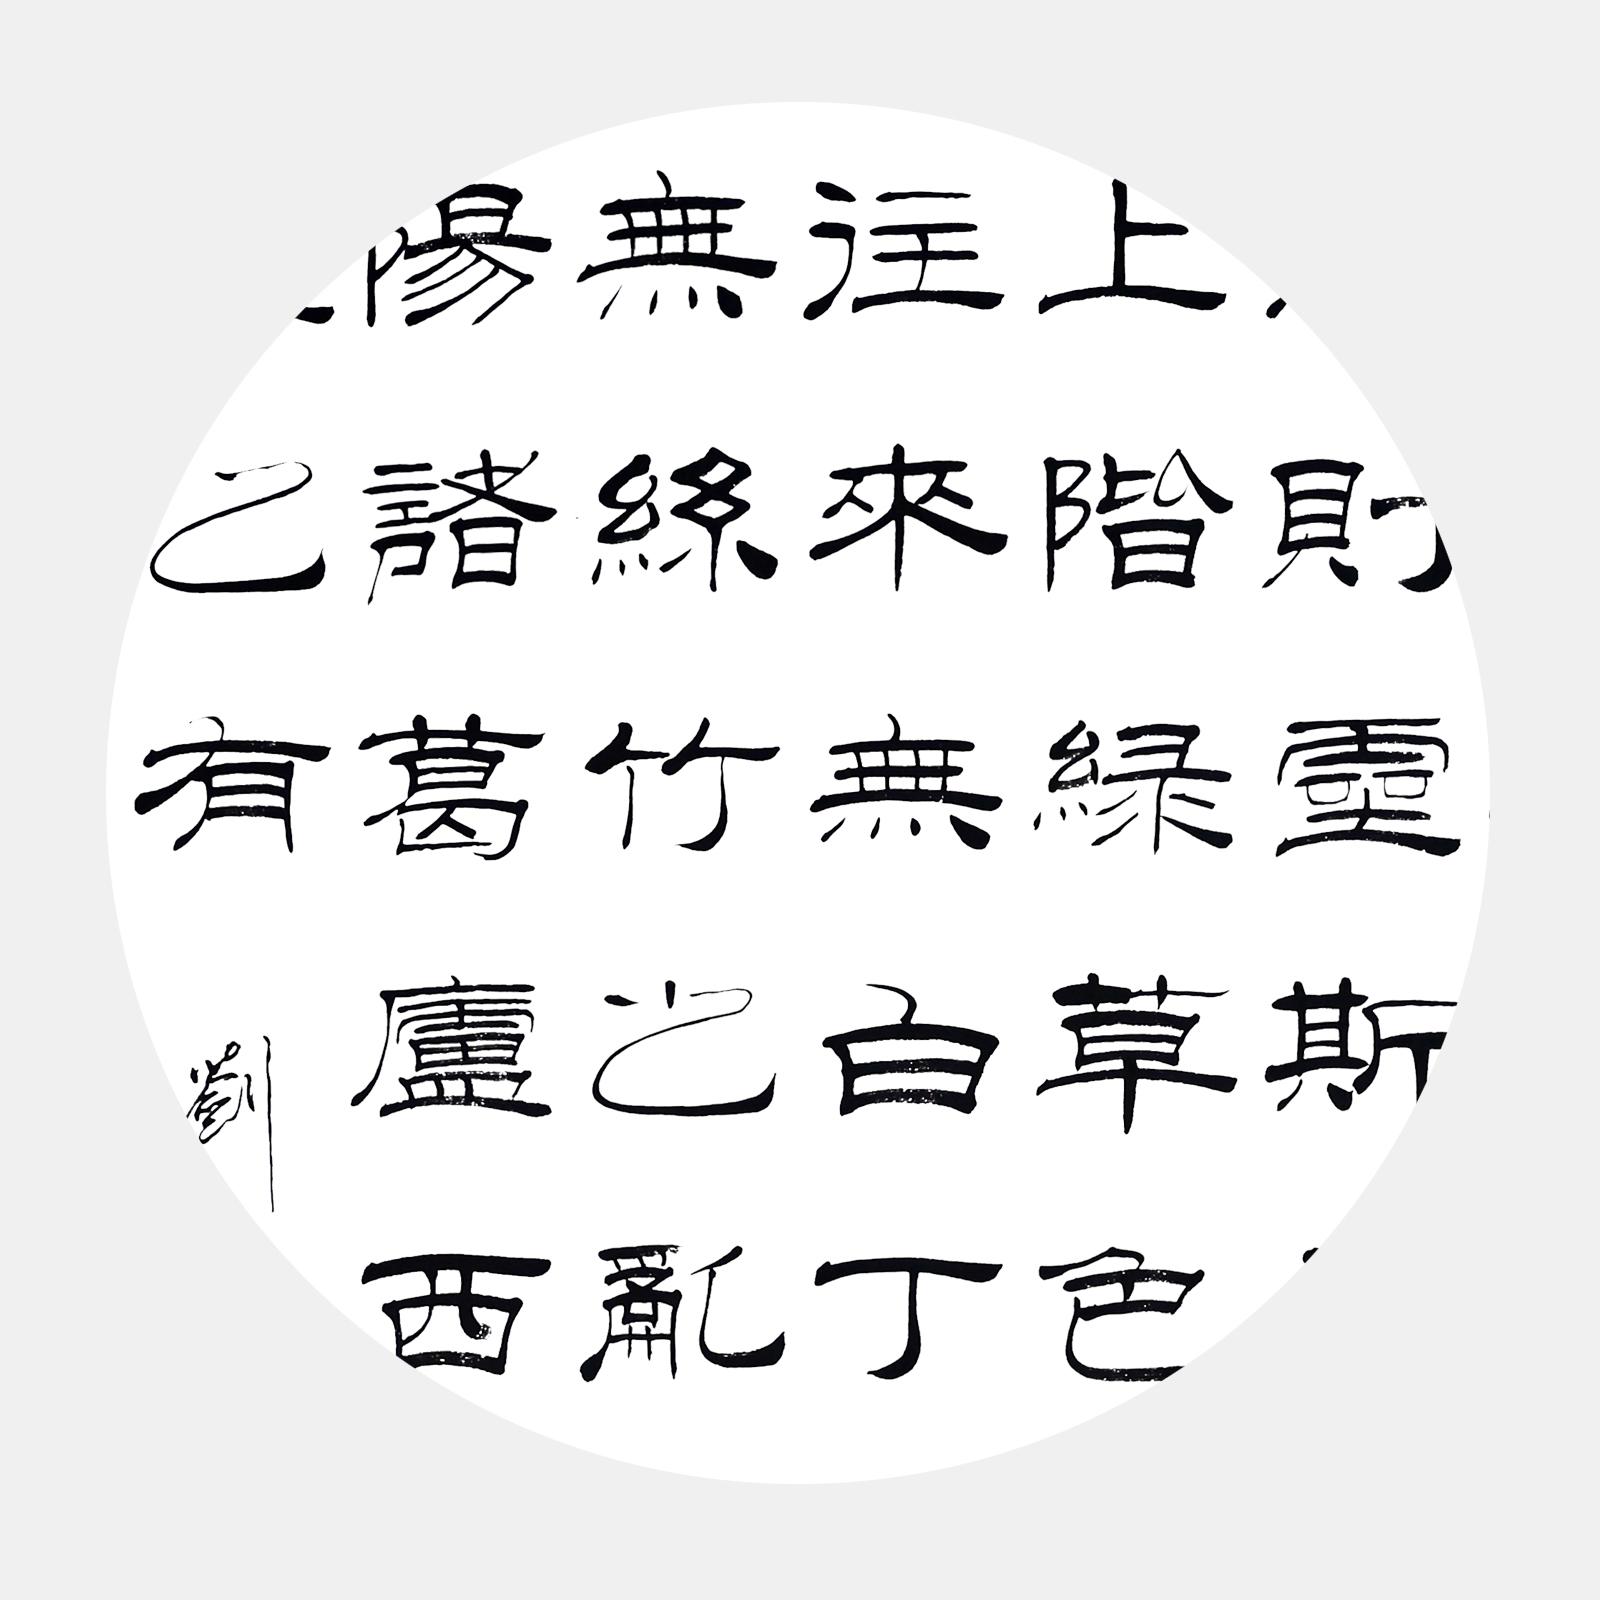 唐刘禹锡名篇《陋室铭》 高雅情操 冯雪林隶书作品